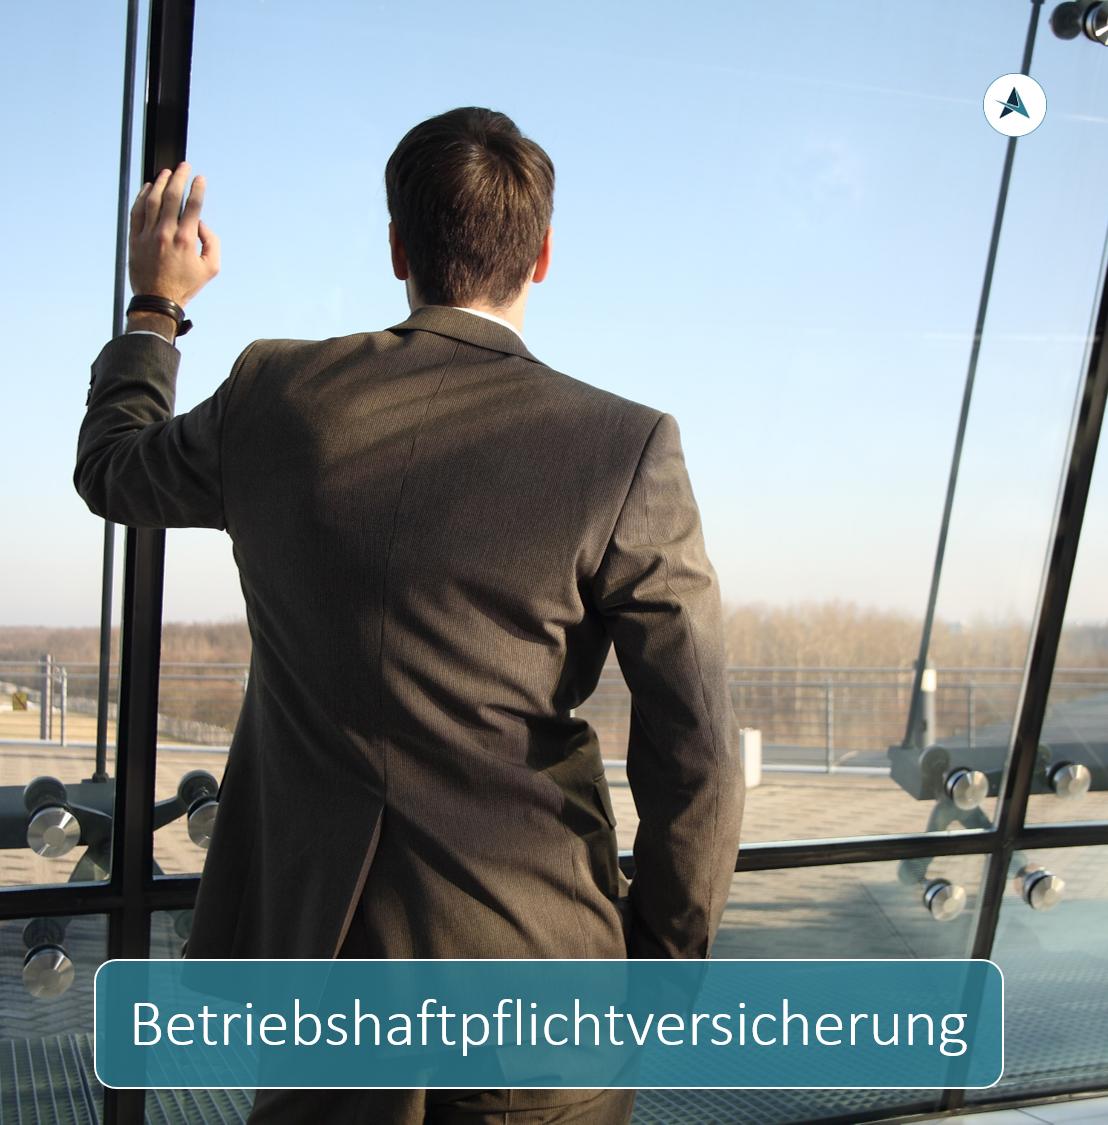 Versicherungsmakler-Berlin-Betriebshaftpflichtversicherung-André-Böttcher-Betriebshaftpflicht-Firmenversicherung